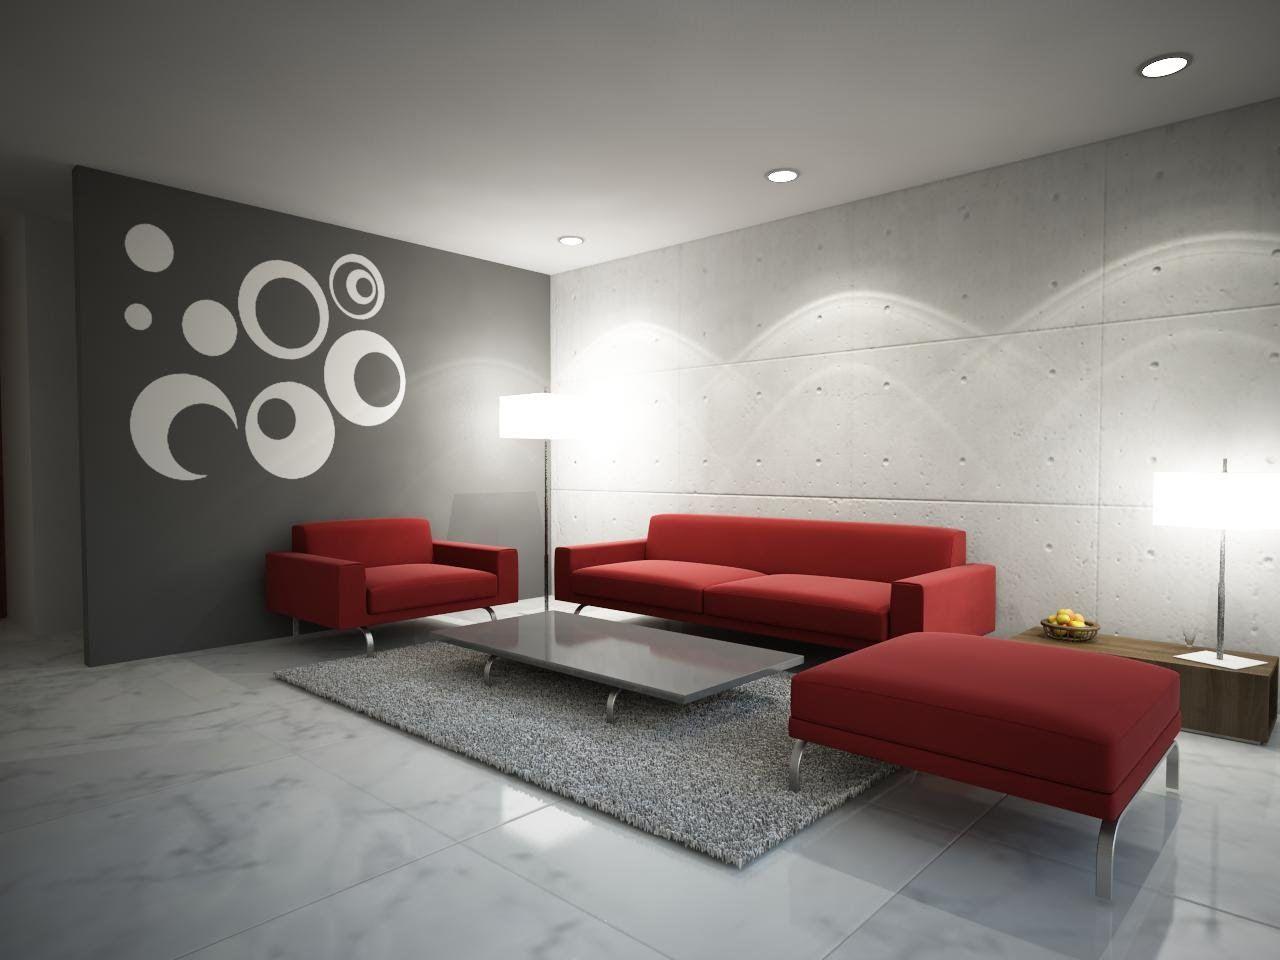 Arquitectura de interiores dise o dise o de for Diseno decoracion espacios